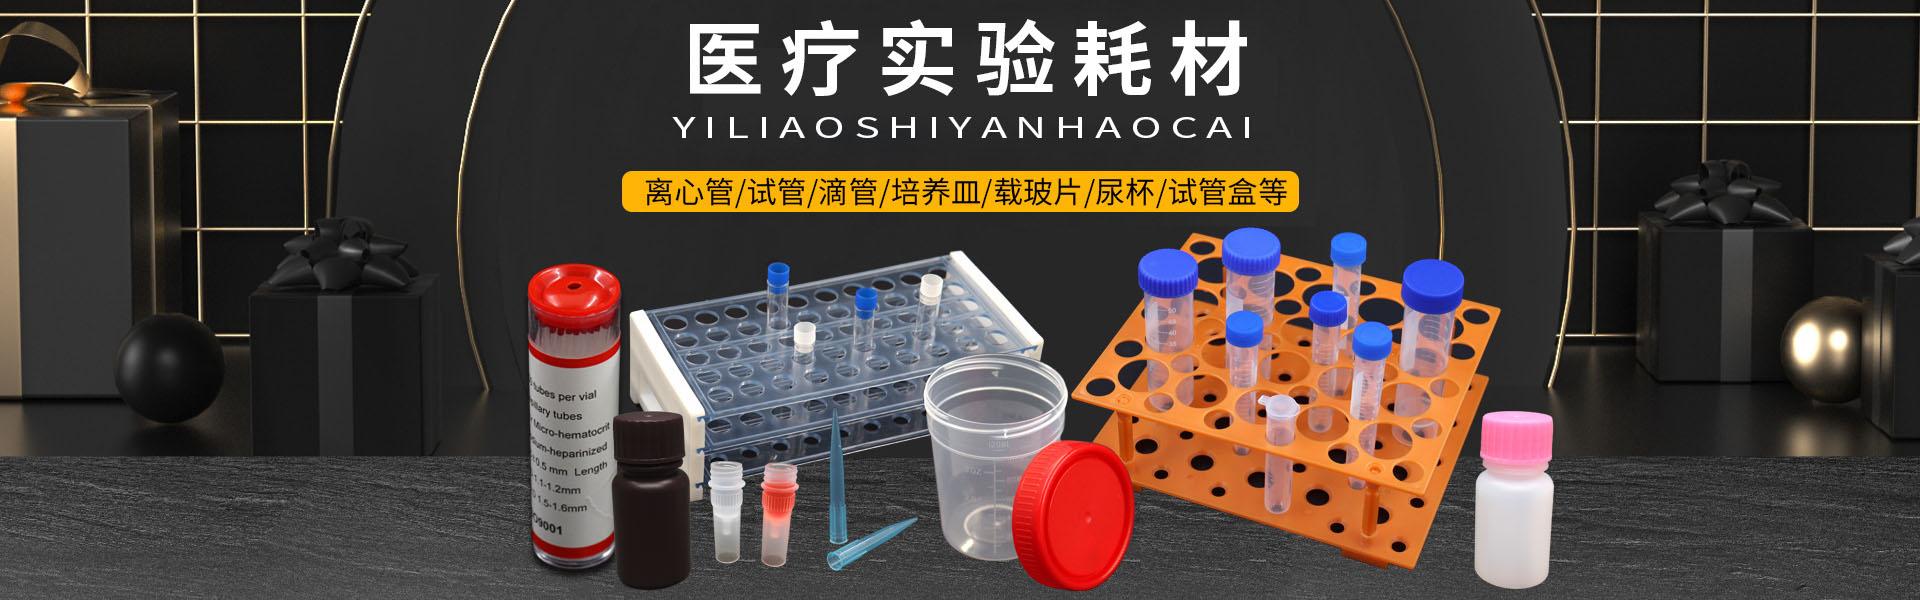 医疗实验塑料制品